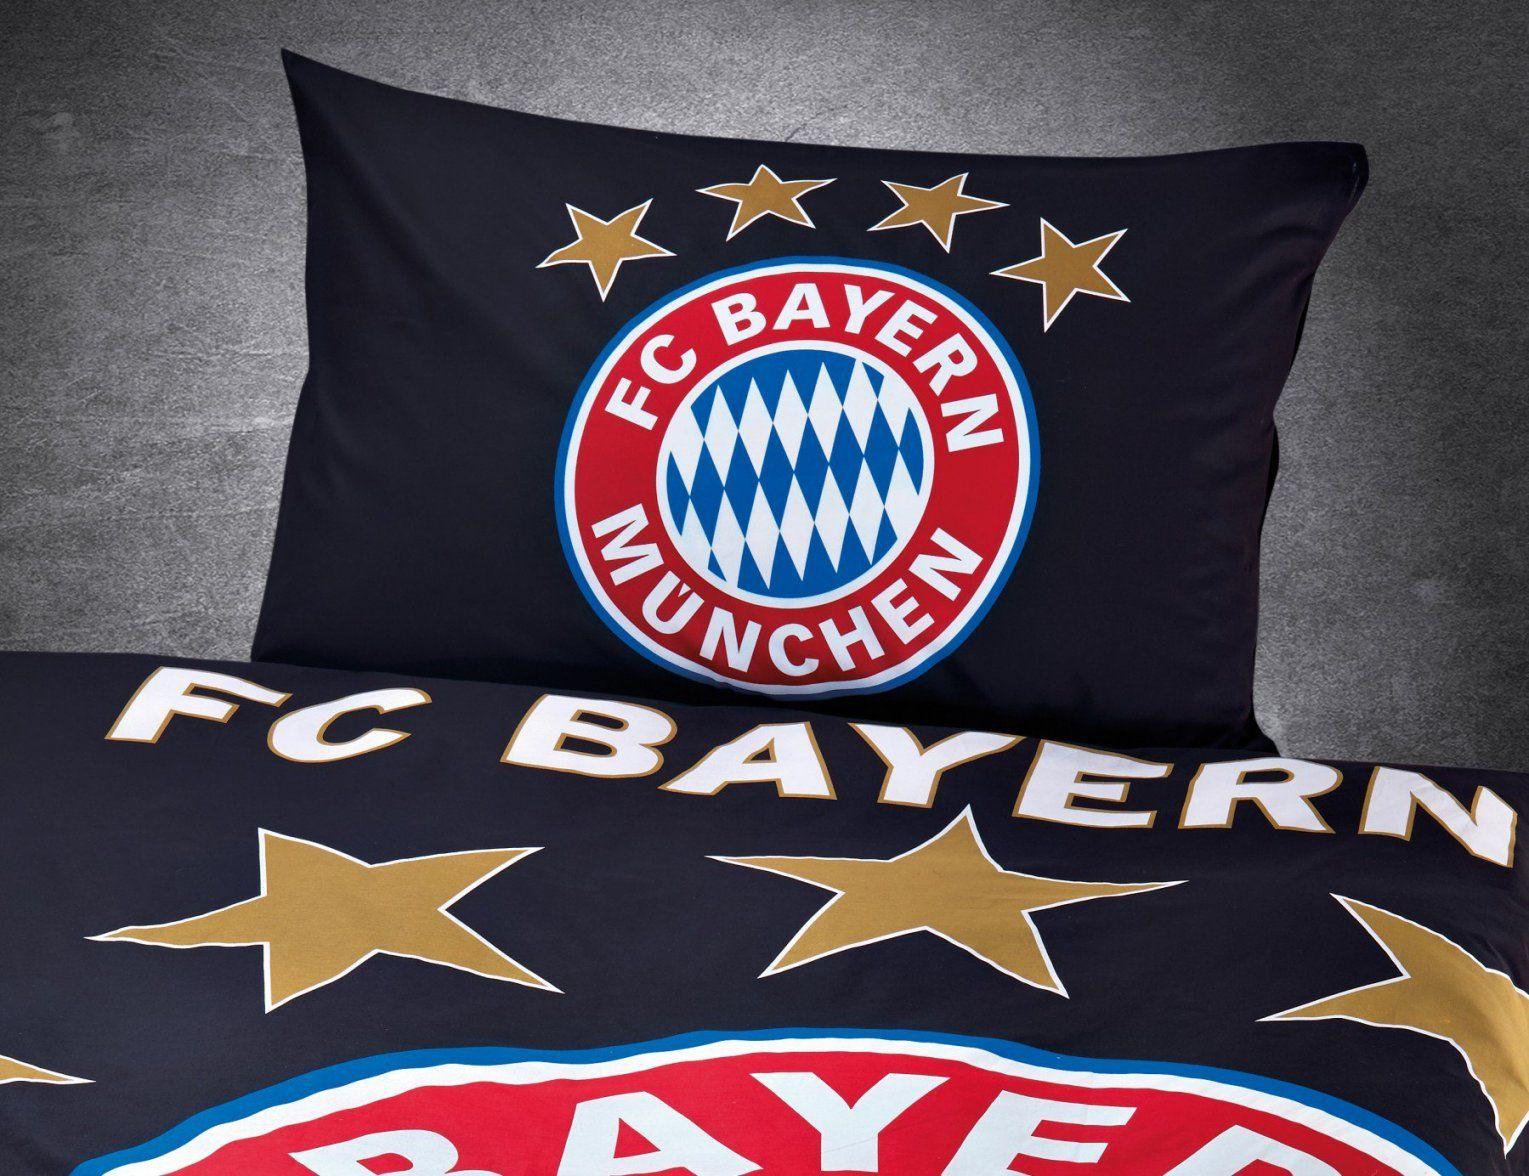 Fc Bayern München Bettwäsche Leuchtet Im Dunkeln Günstig ⋆ Lehner von Bettwäsche Leuchtet Im Dunkeln Photo